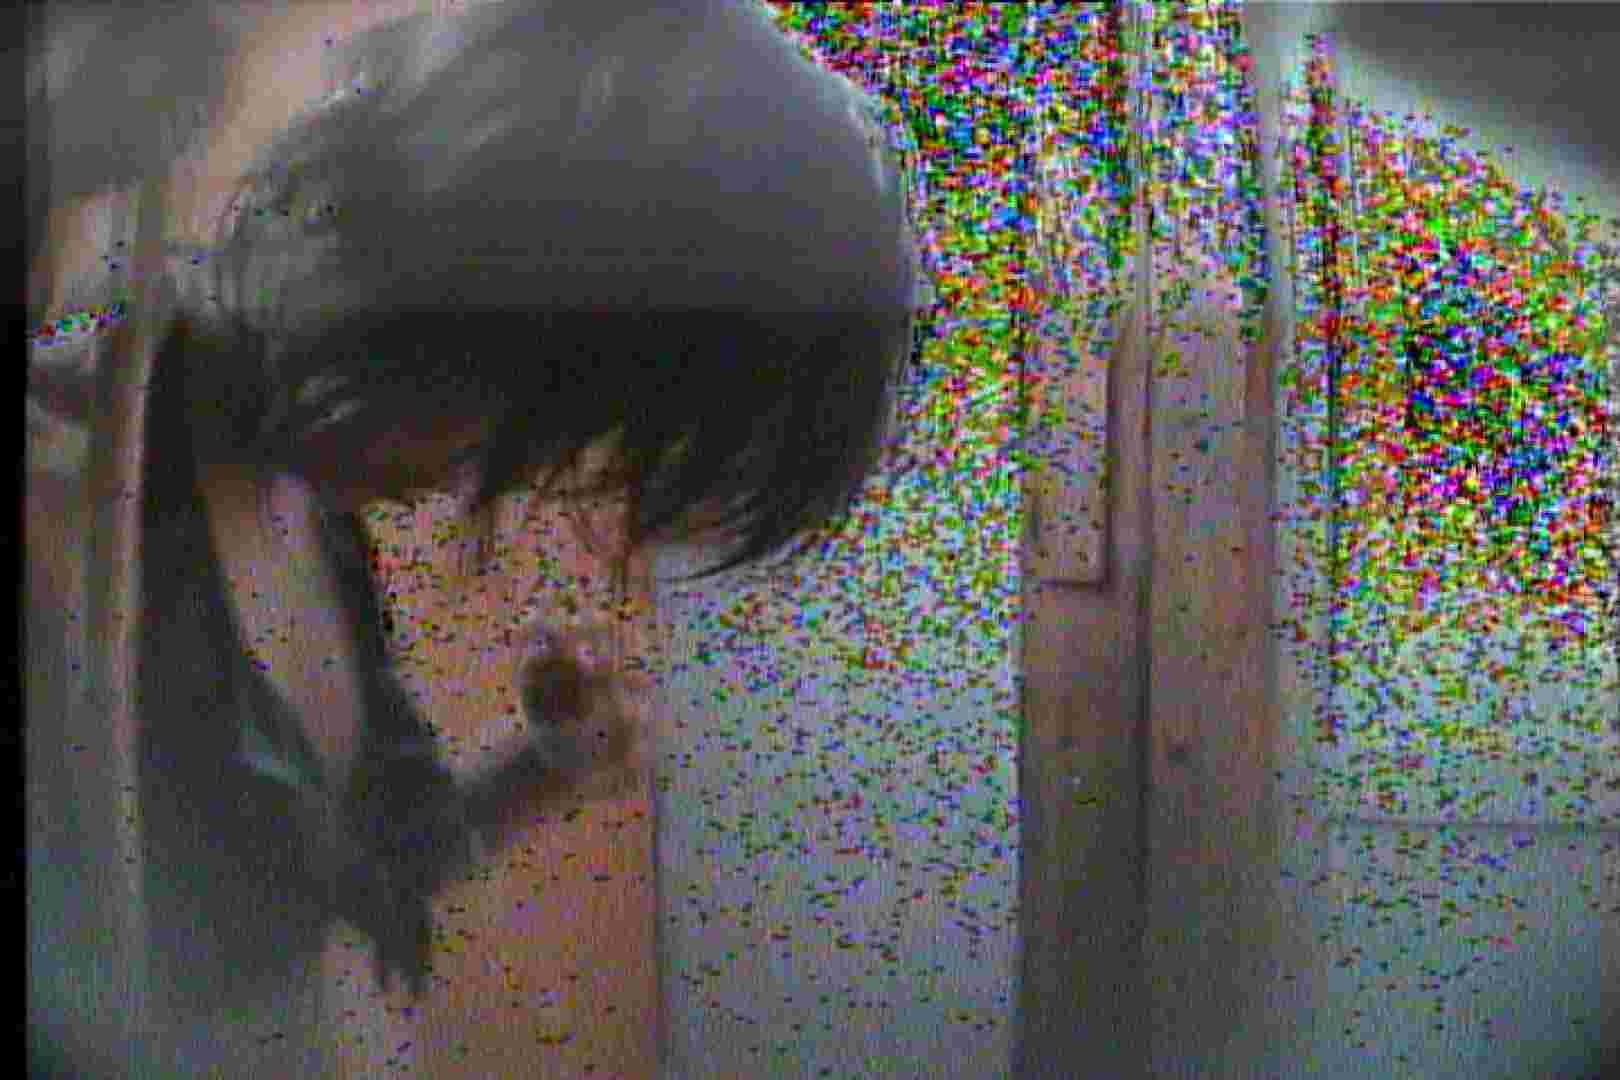 海の家の更衣室 Vol.17 シャワー オメコ無修正動画無料 102枚 30